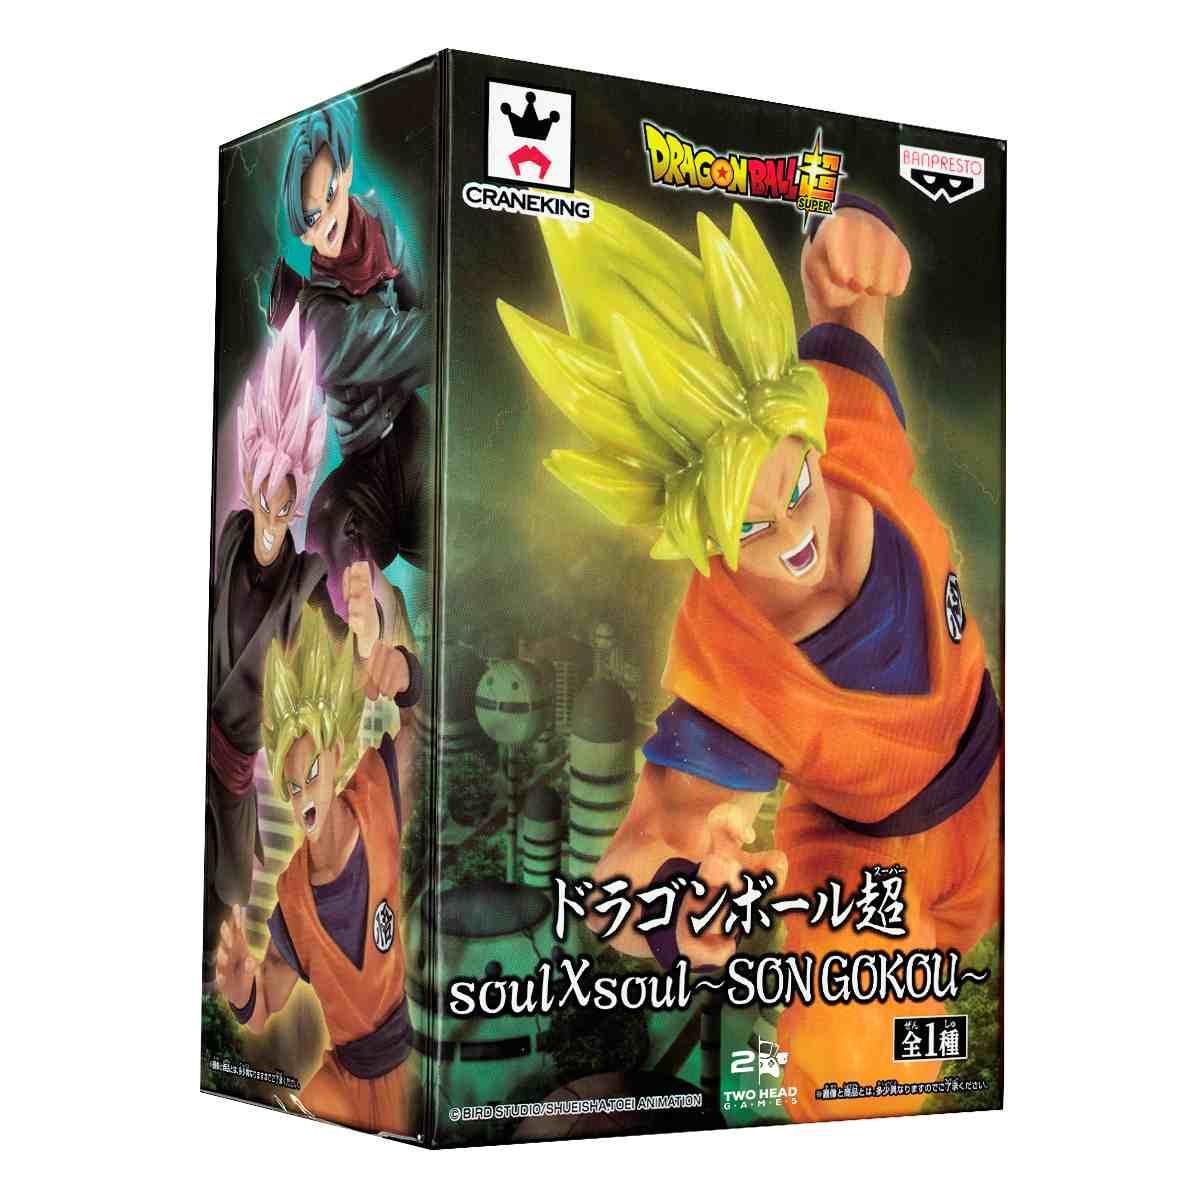 Action Figure Goku Saiyajin Soul X Soul Dragon Ball Z